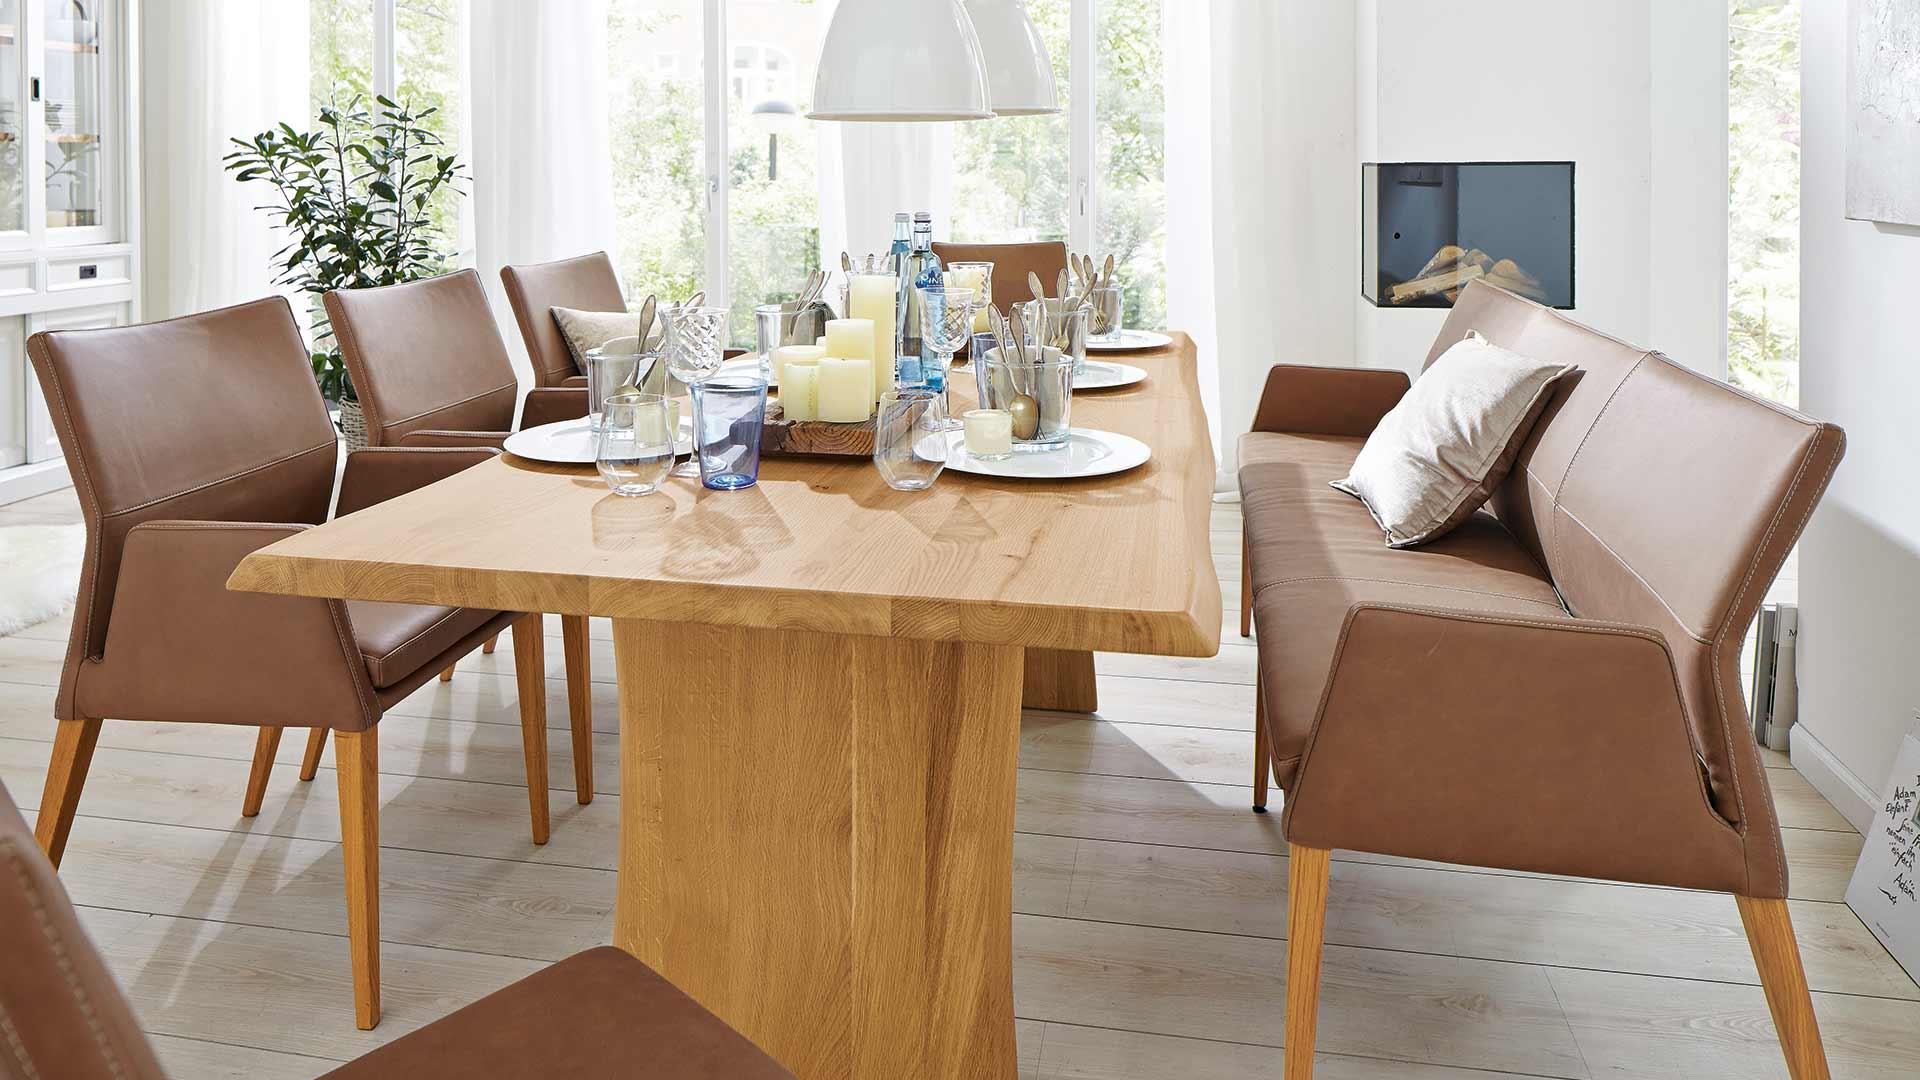 natura phoenix von natura einrichten in moormerland ot warsingsfehn nahe leer ostfriesland. Black Bedroom Furniture Sets. Home Design Ideas